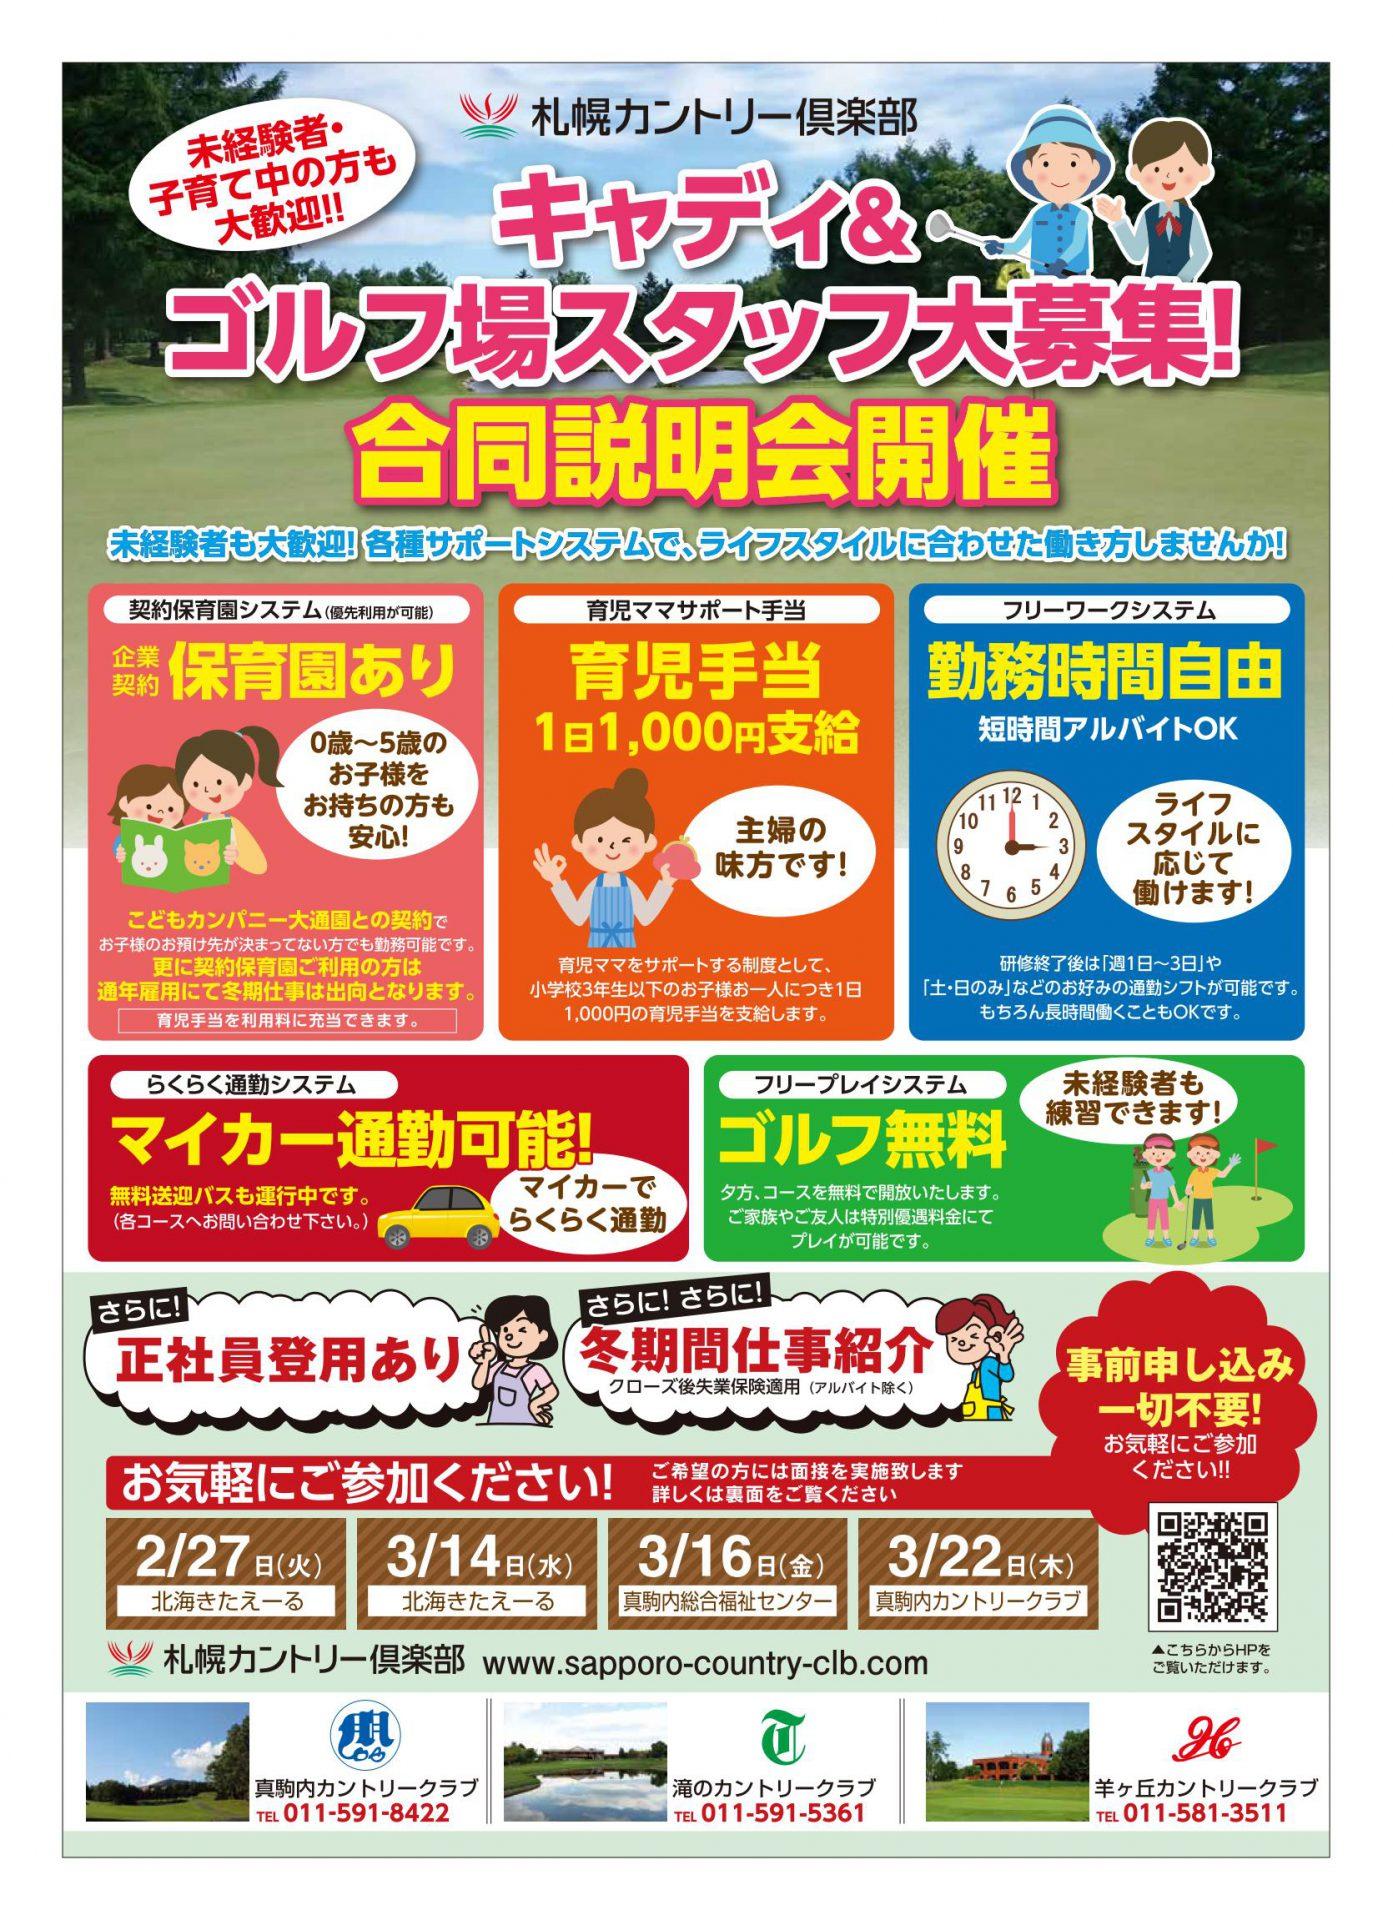 ■2/23UP キャディ、ゴルフ場スタッフ大募集のお知らせ!